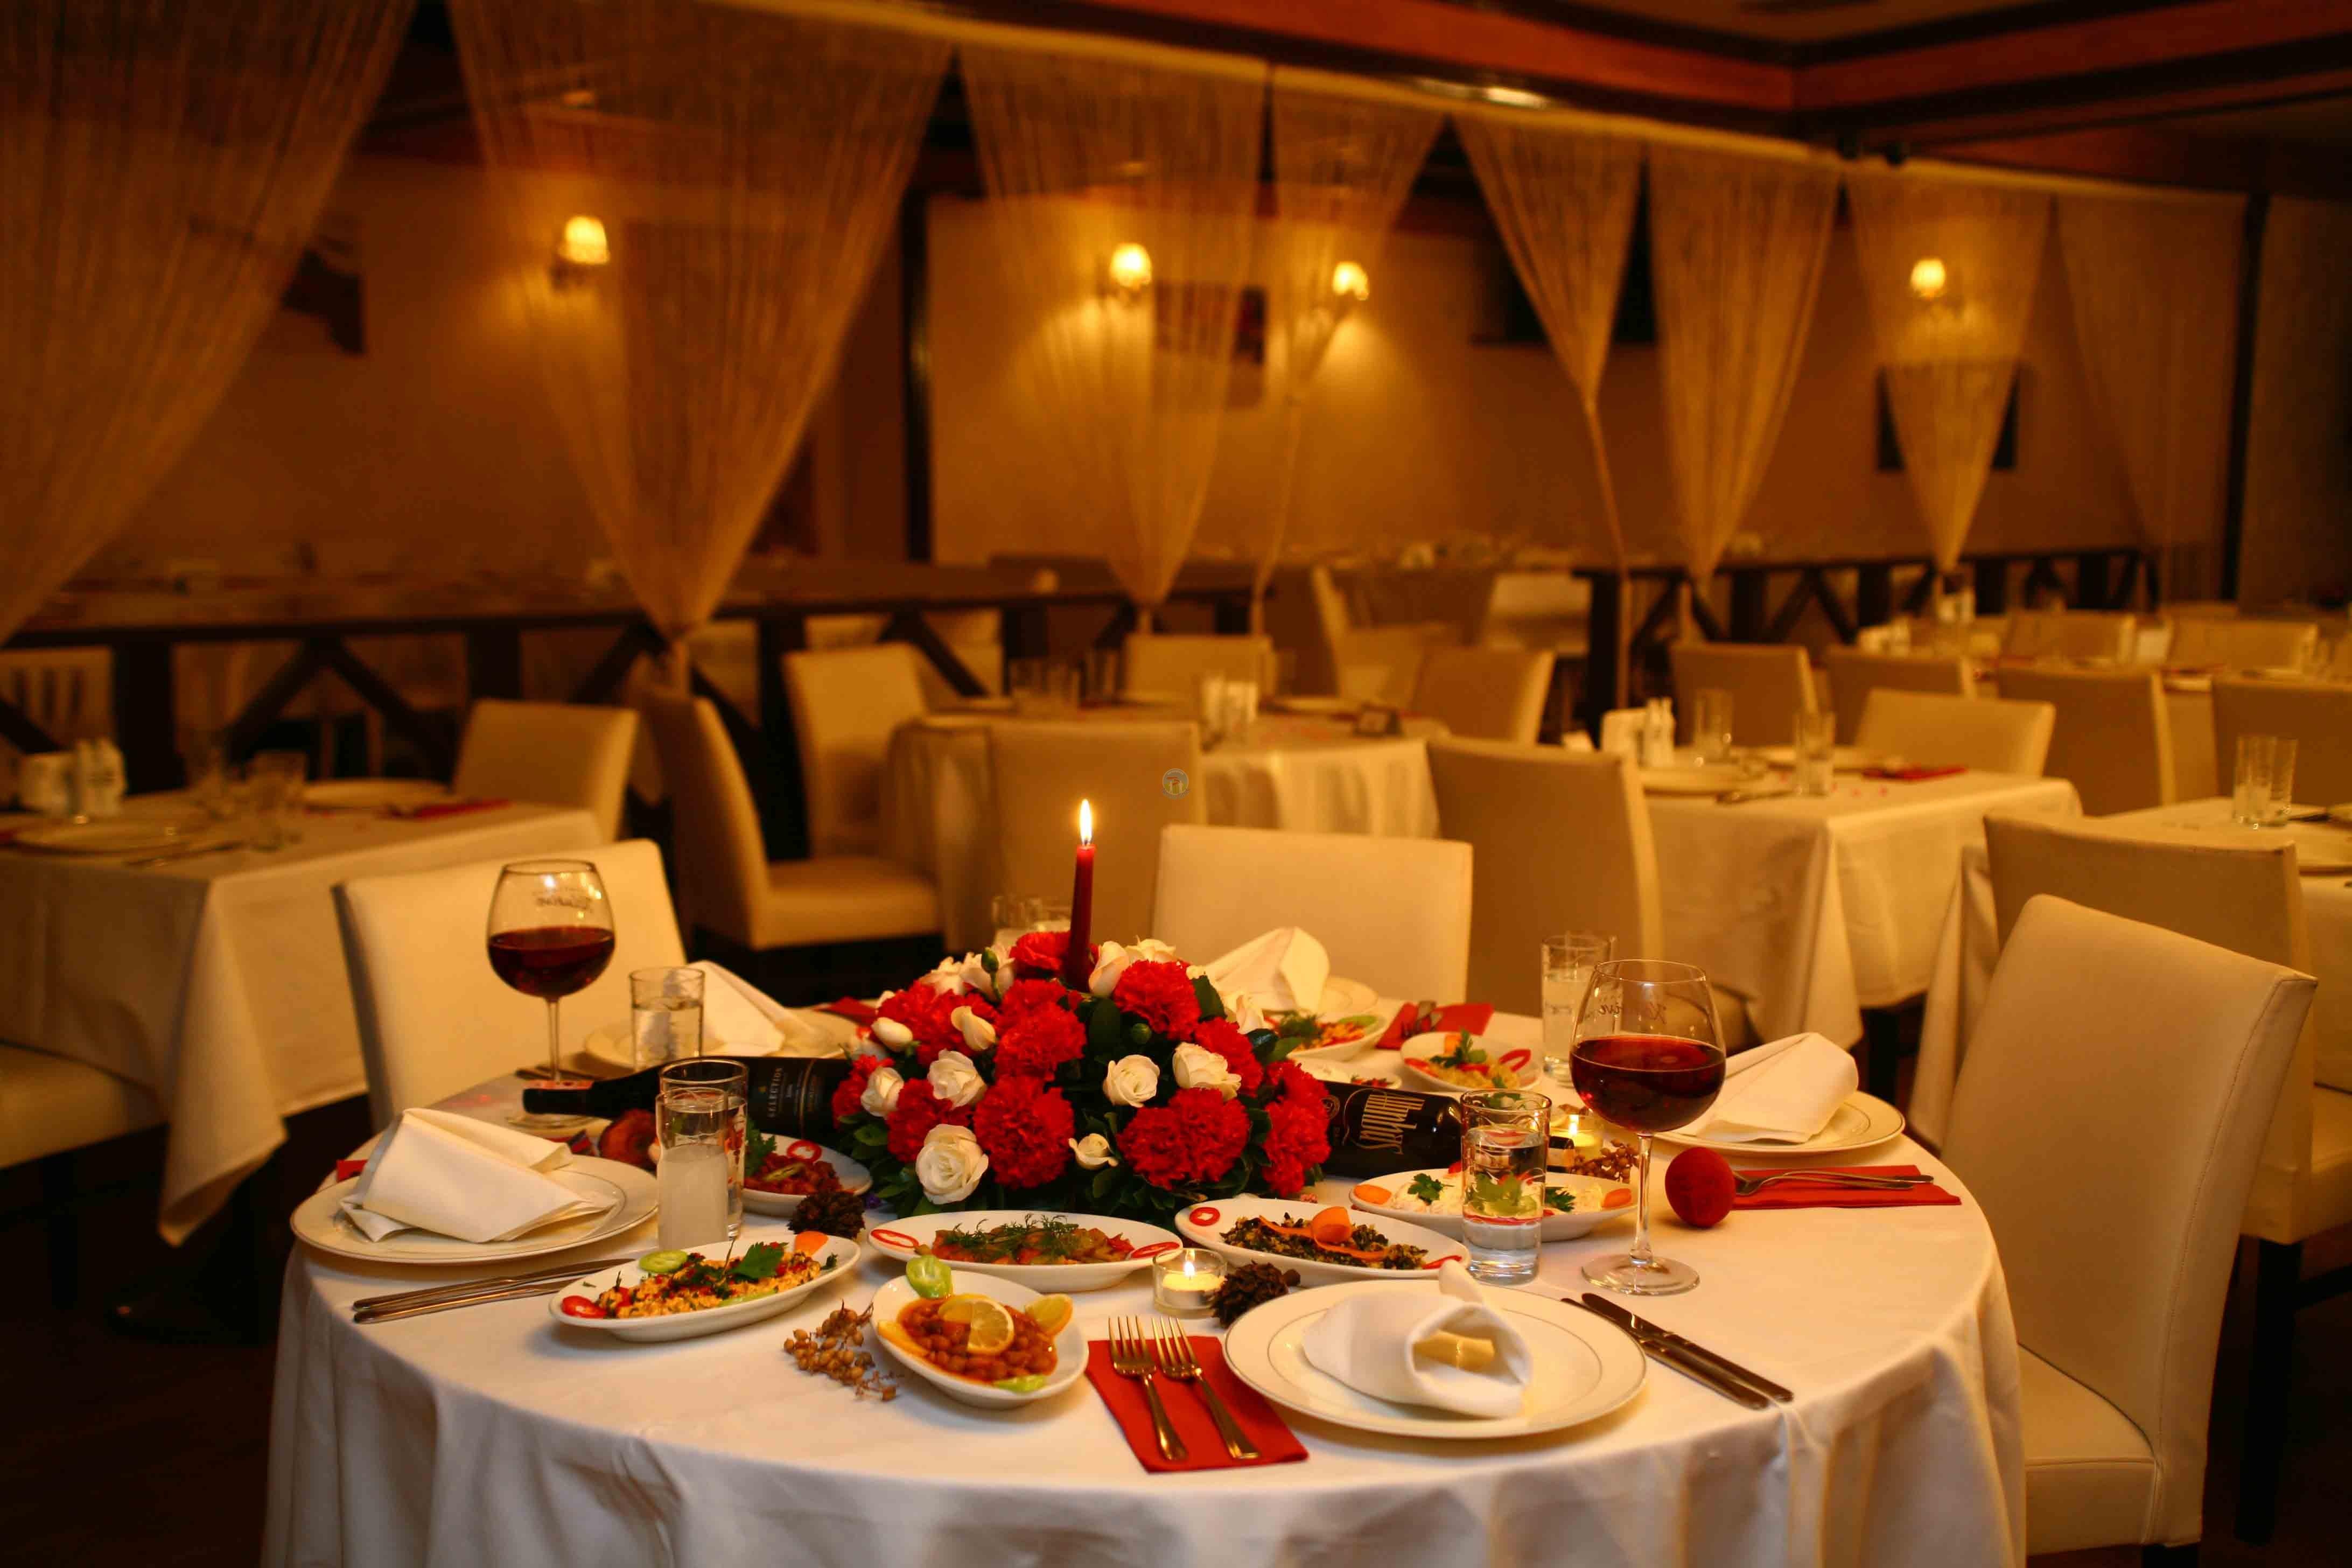 Ziyade Fasıl (Suadiye) Restaurant  ,Restaurant İSTANBUL ,Ziyade Fasıl (Suadiye)  İSTANBUL KADIKÖY